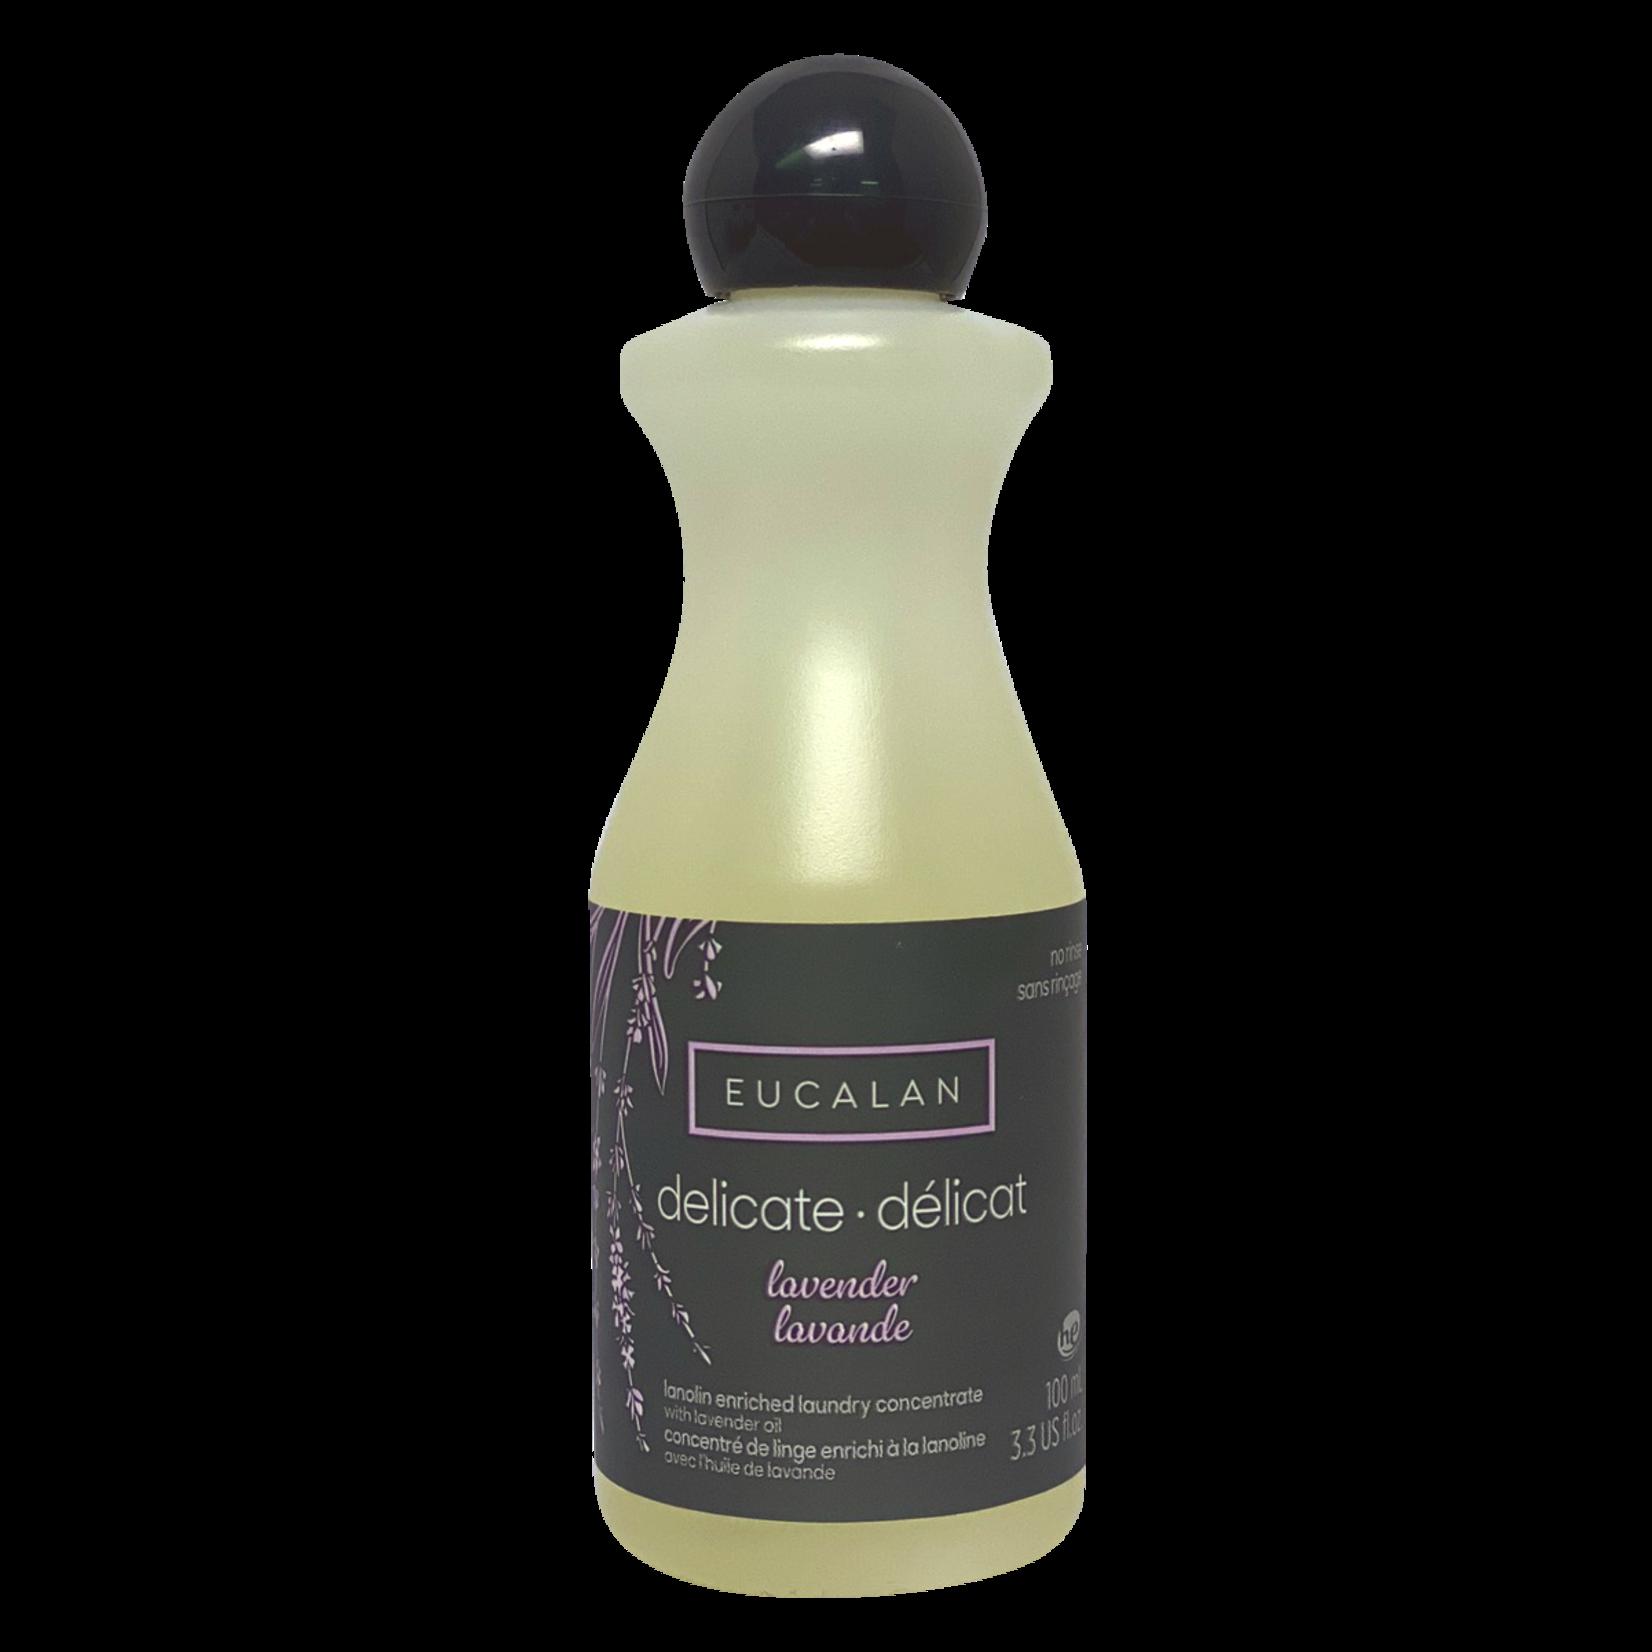 Eucalan Eucalan Delicate Wash 100ml